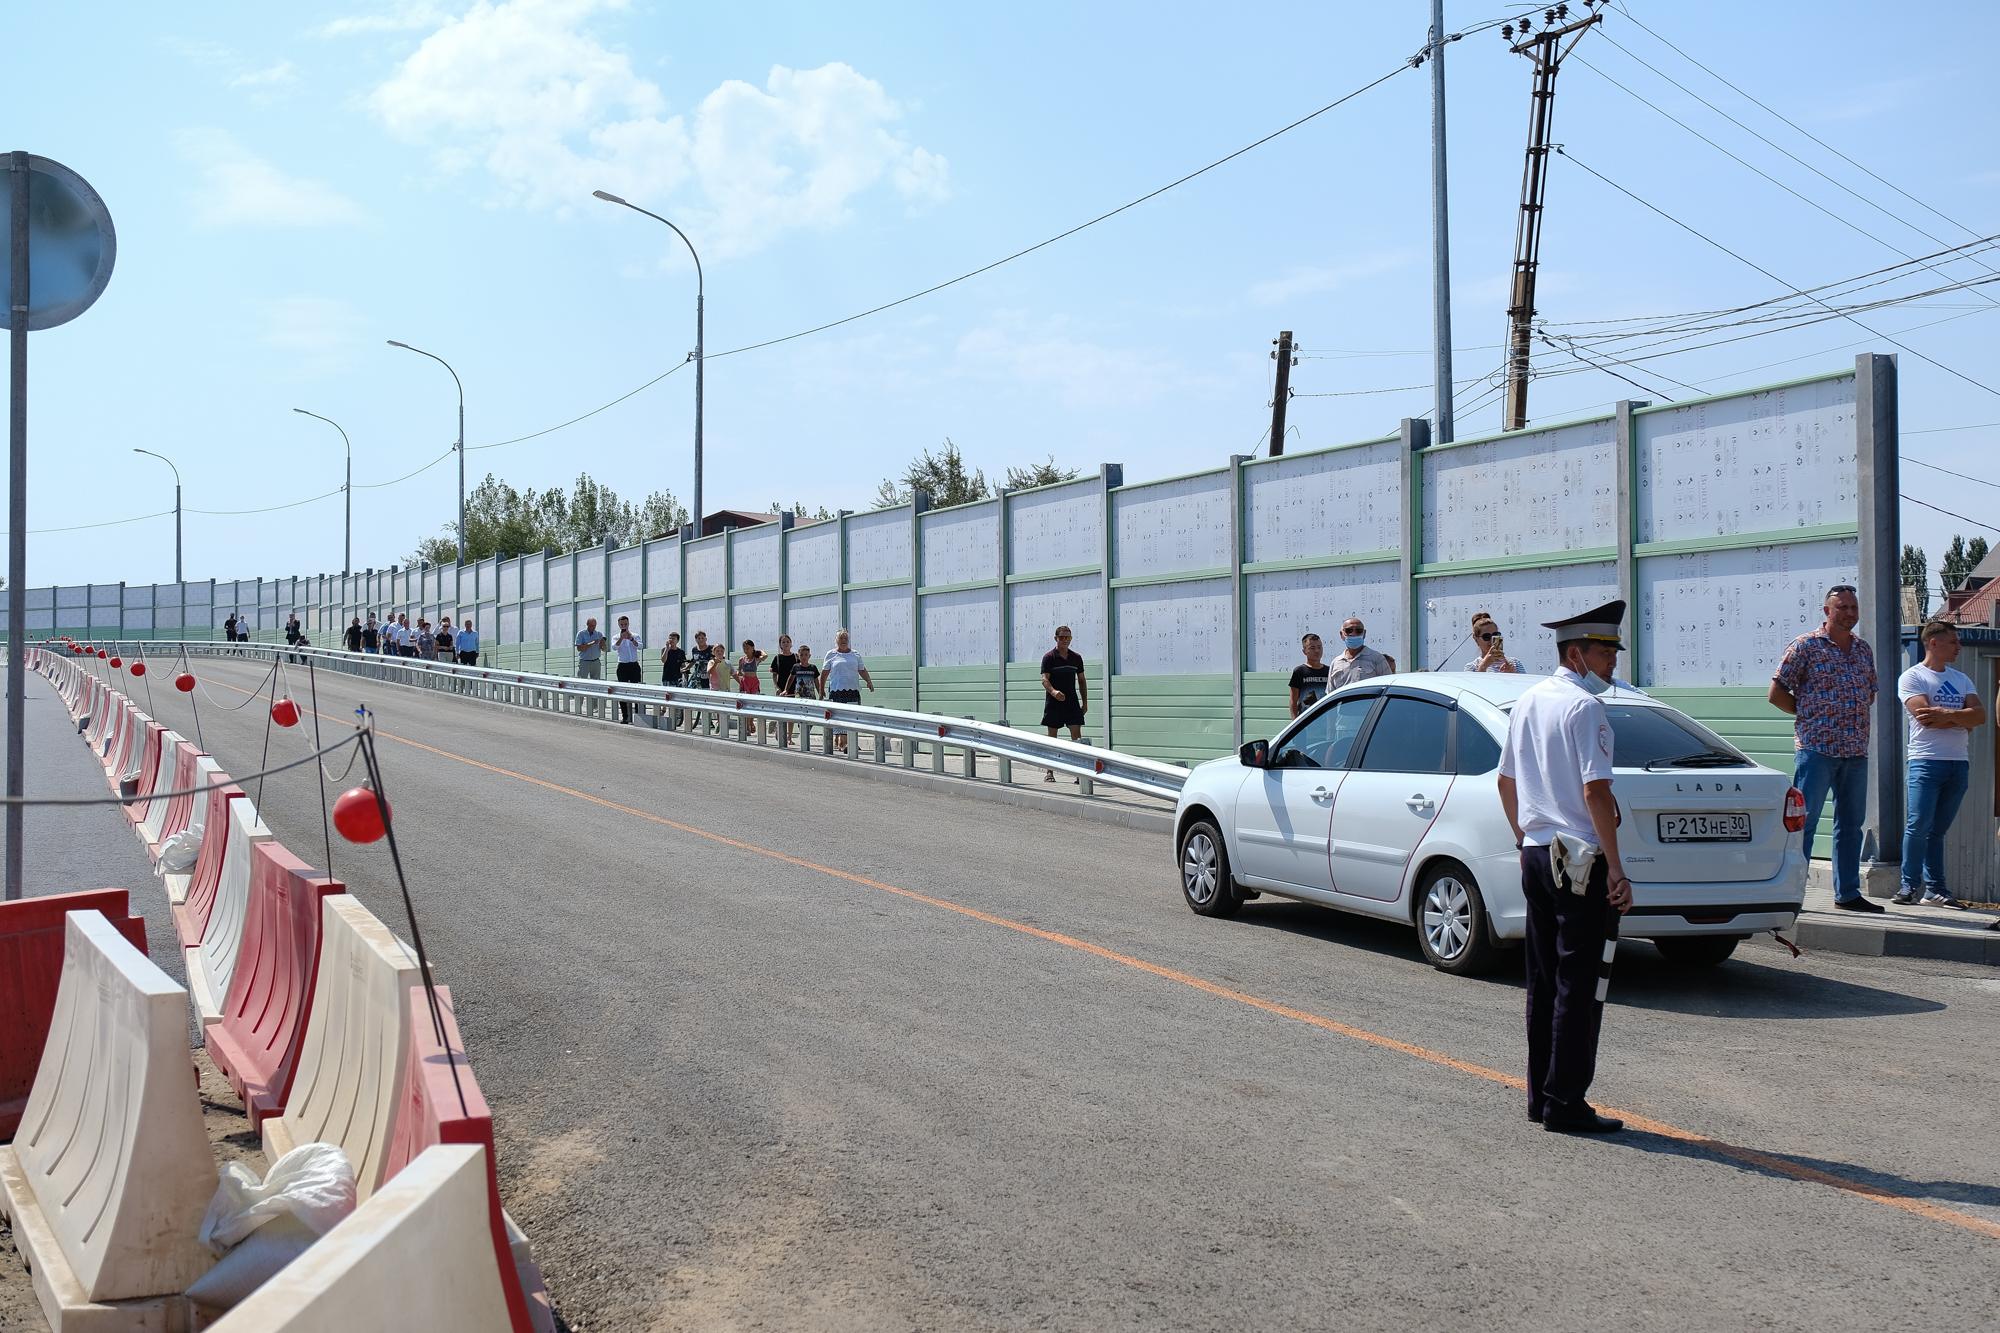 Милицейский мост в Астрахани. Открытие после капитального ремонта. 28.08.2021 г (1)